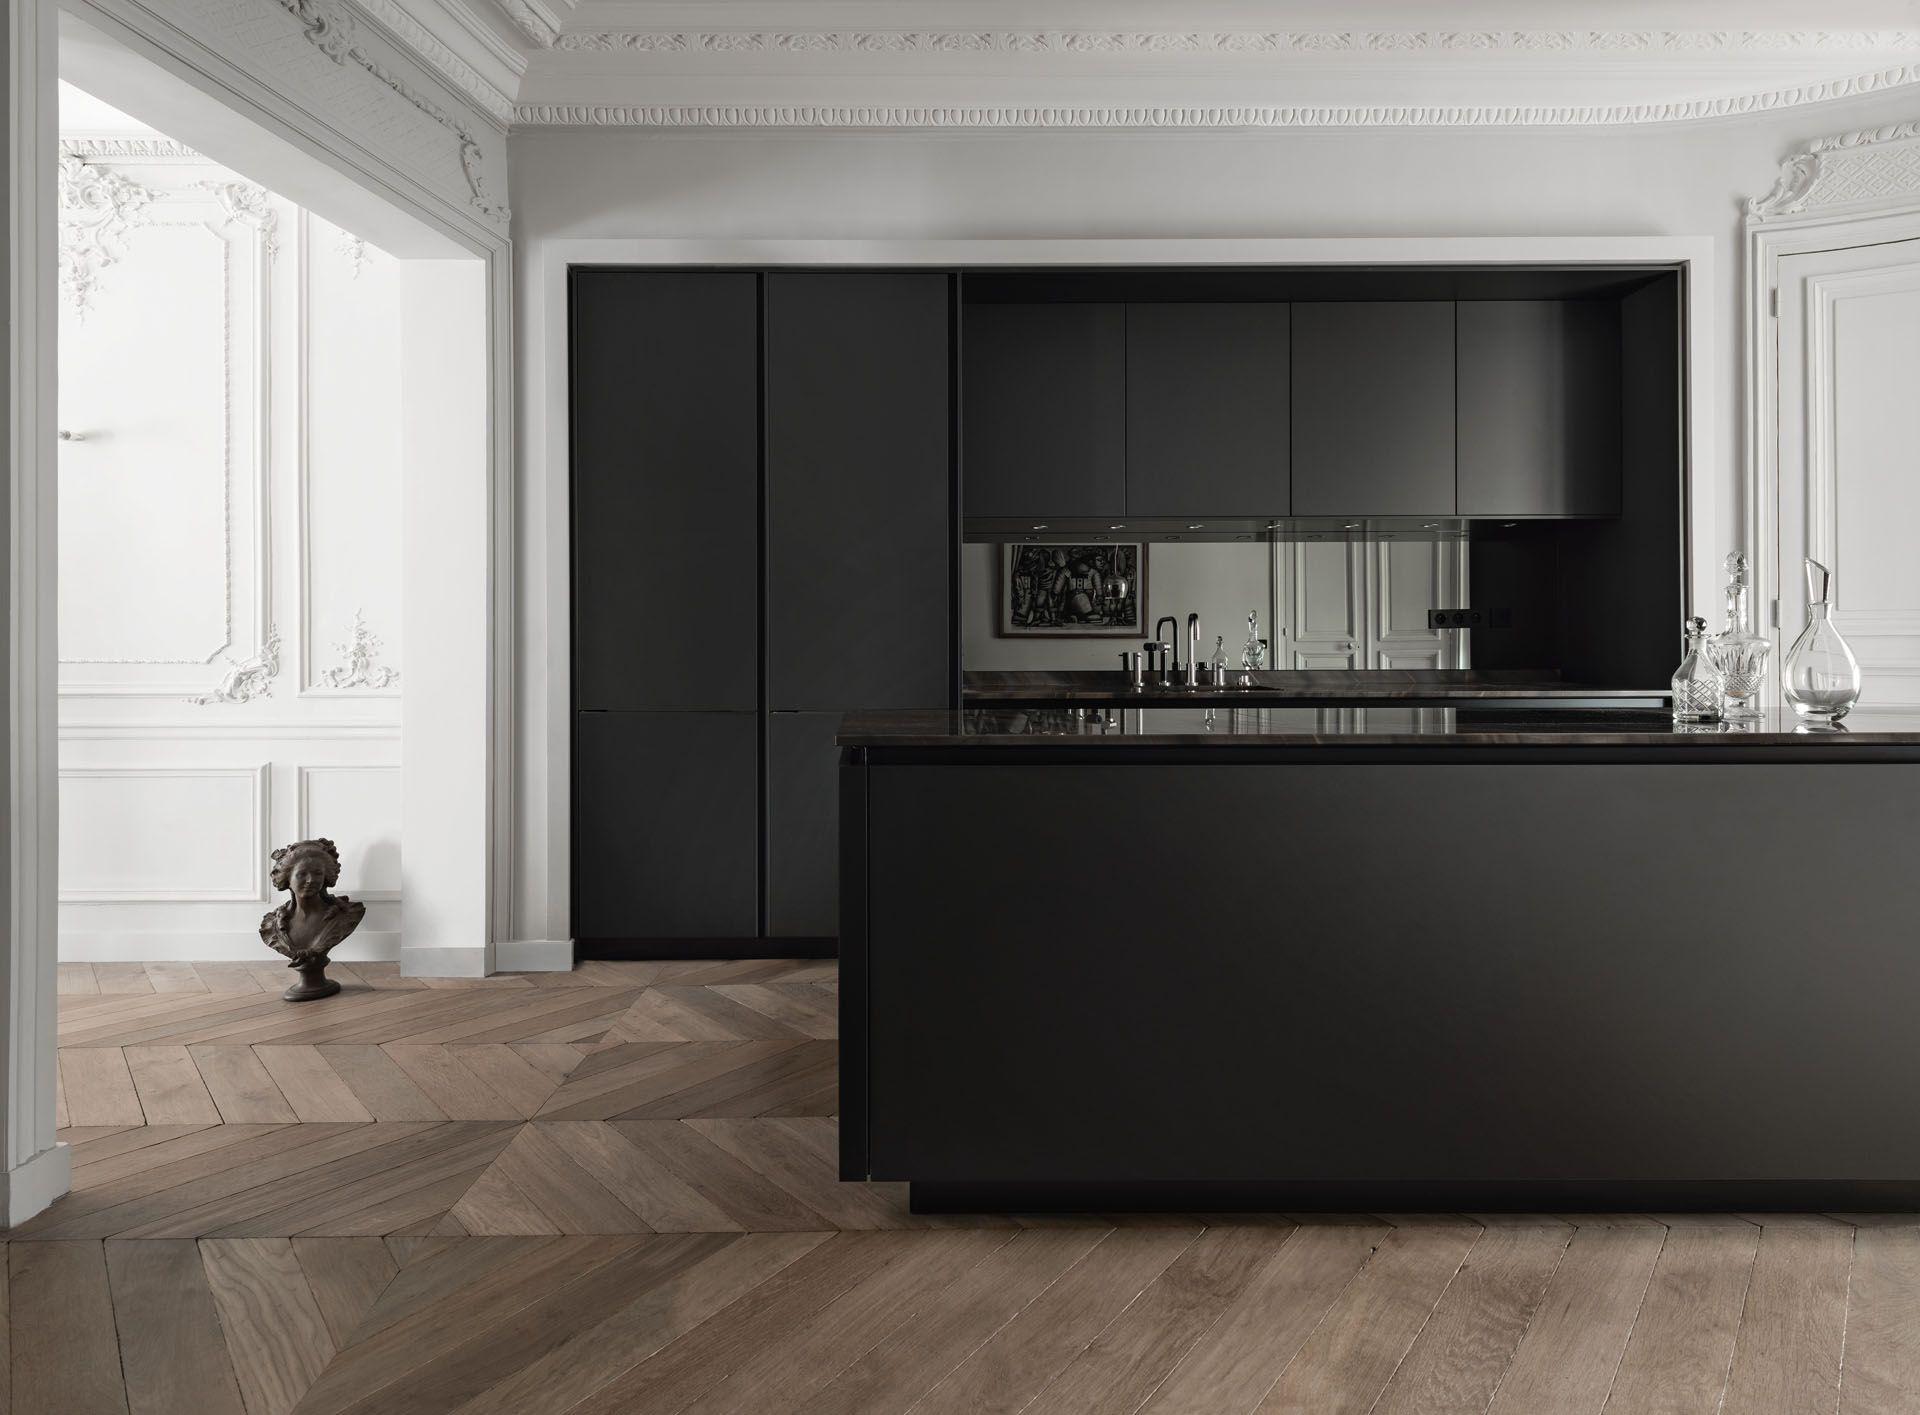 Woonkamer Zwarte Keuken : Wit interieur met zwarte accenten anyway doors